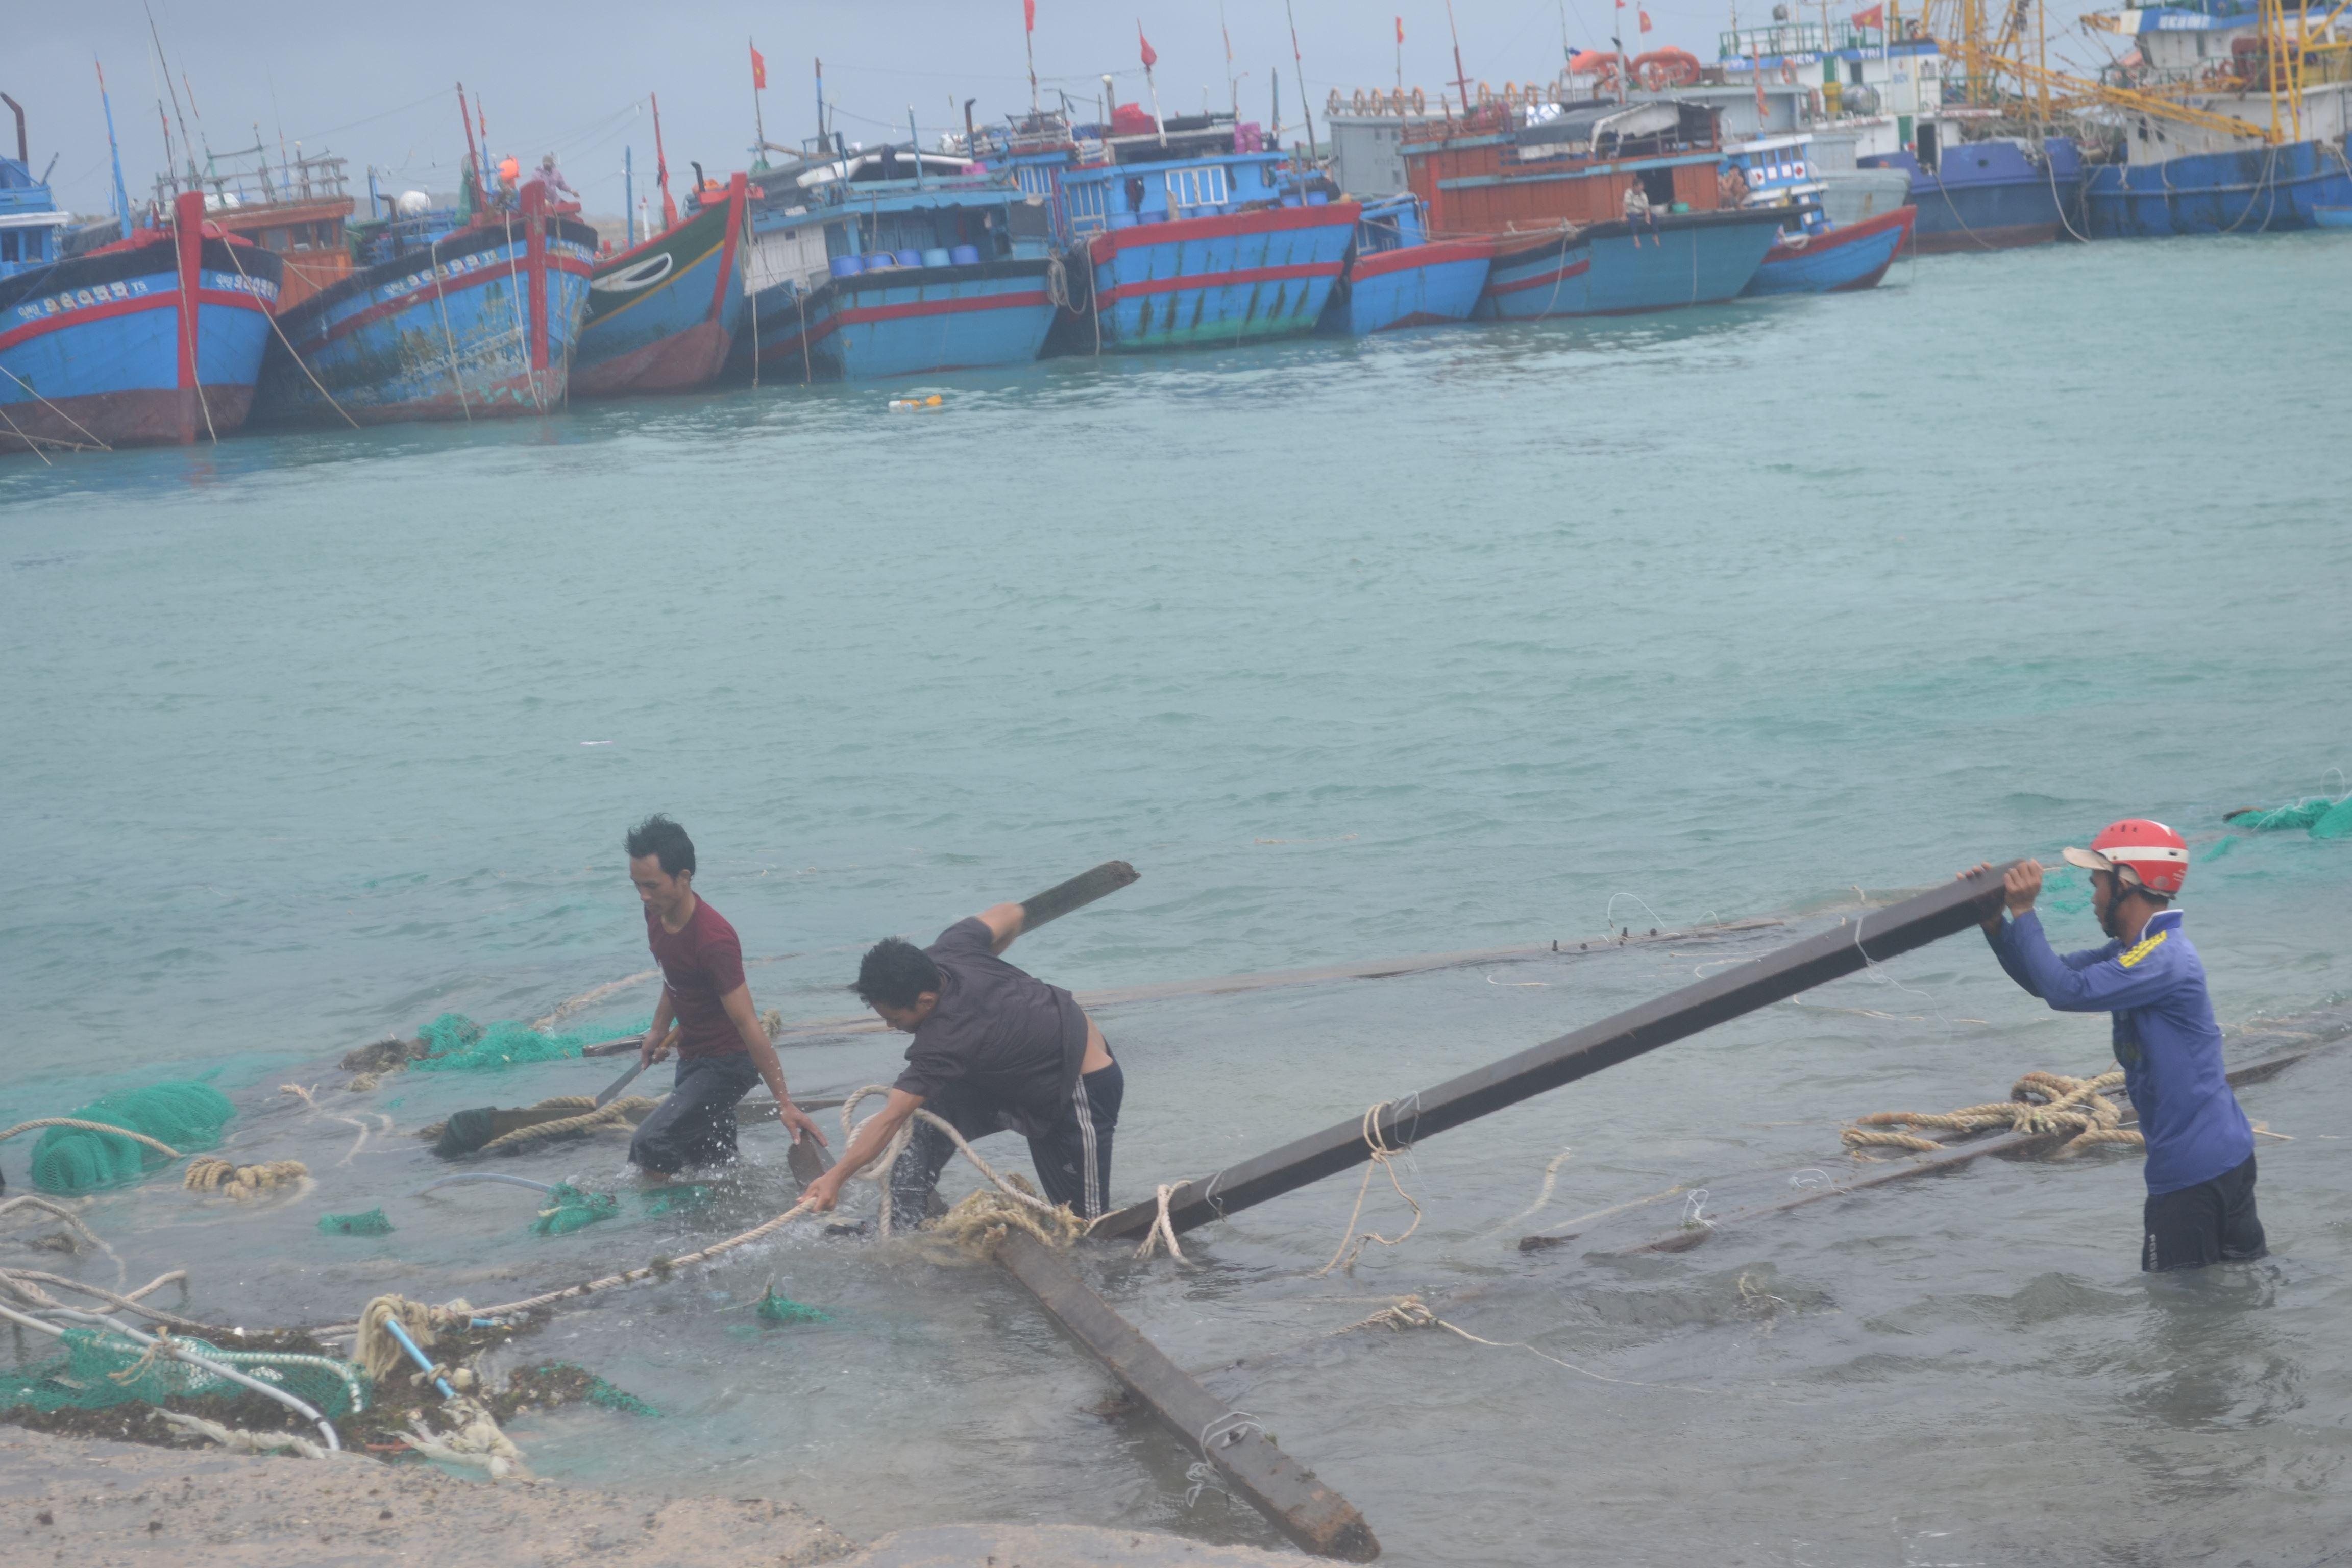 Hàng chục lồng bè nuôi tôm, cá của người dân Lý Sơn tan tành sau bão.